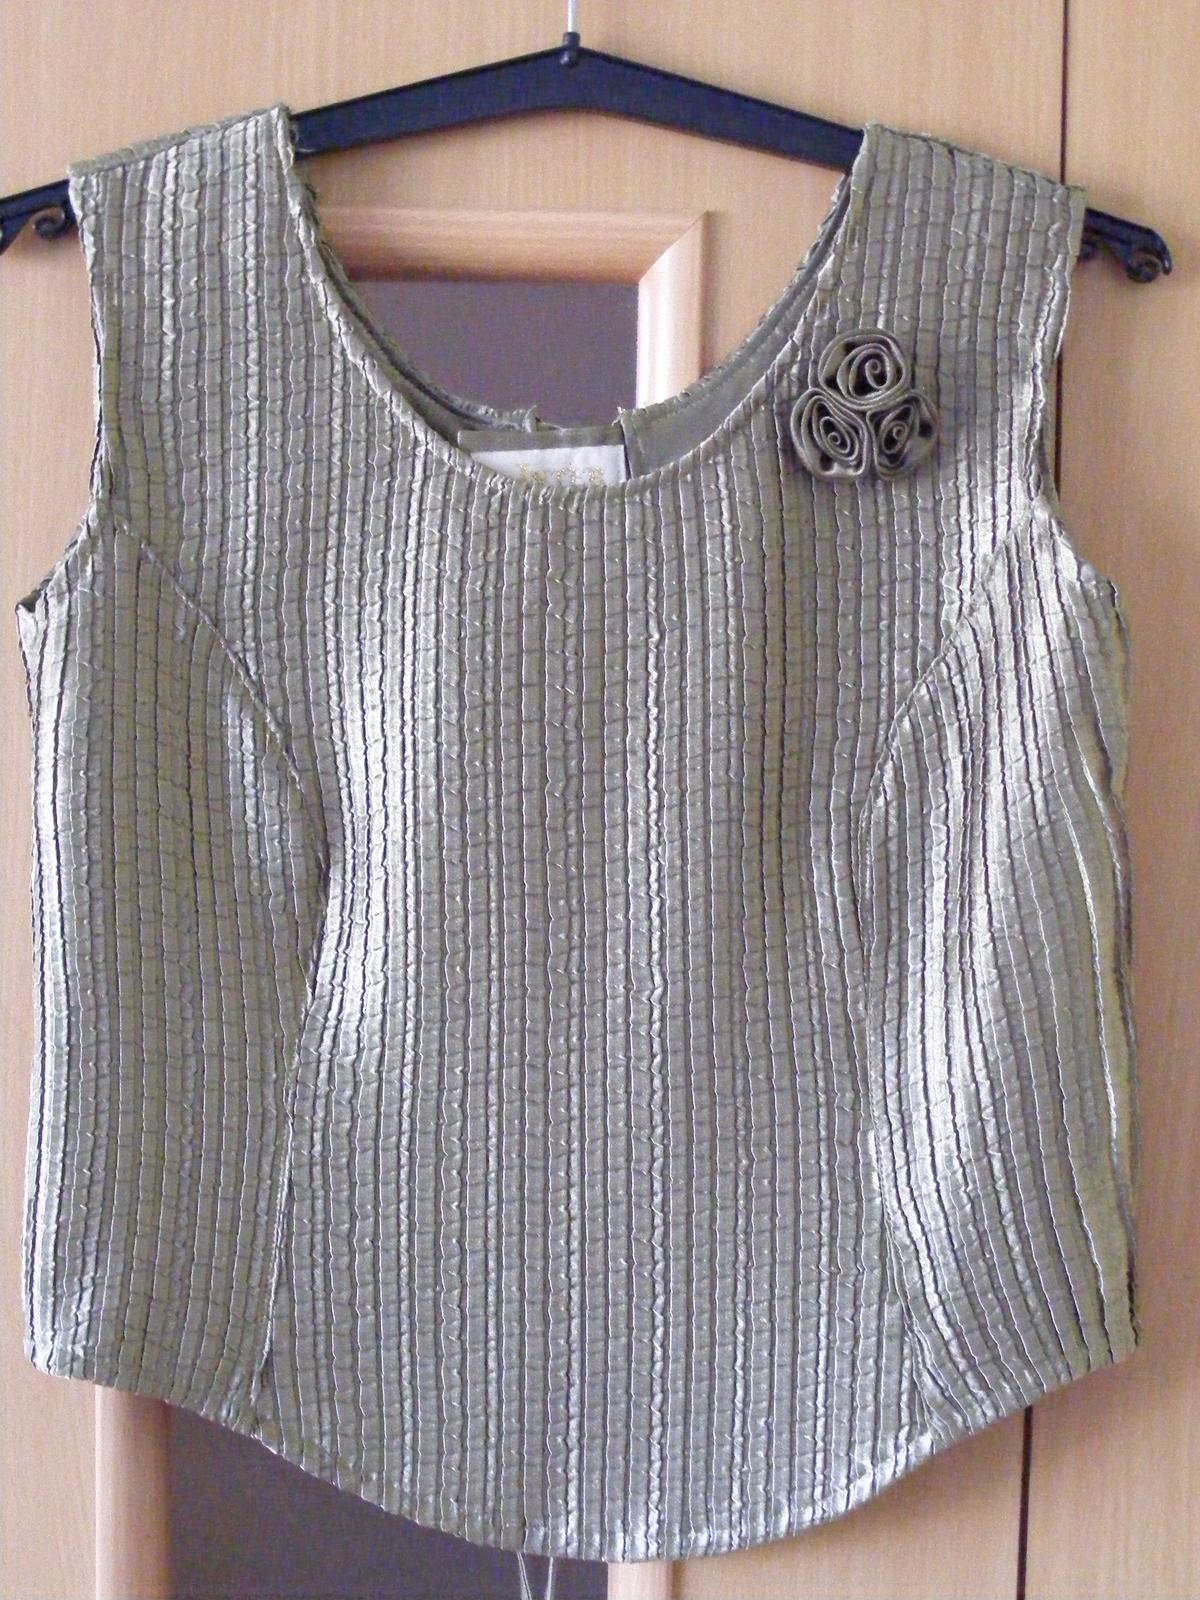 Tmavozelené korzetové šaty - Obrázok č. 1